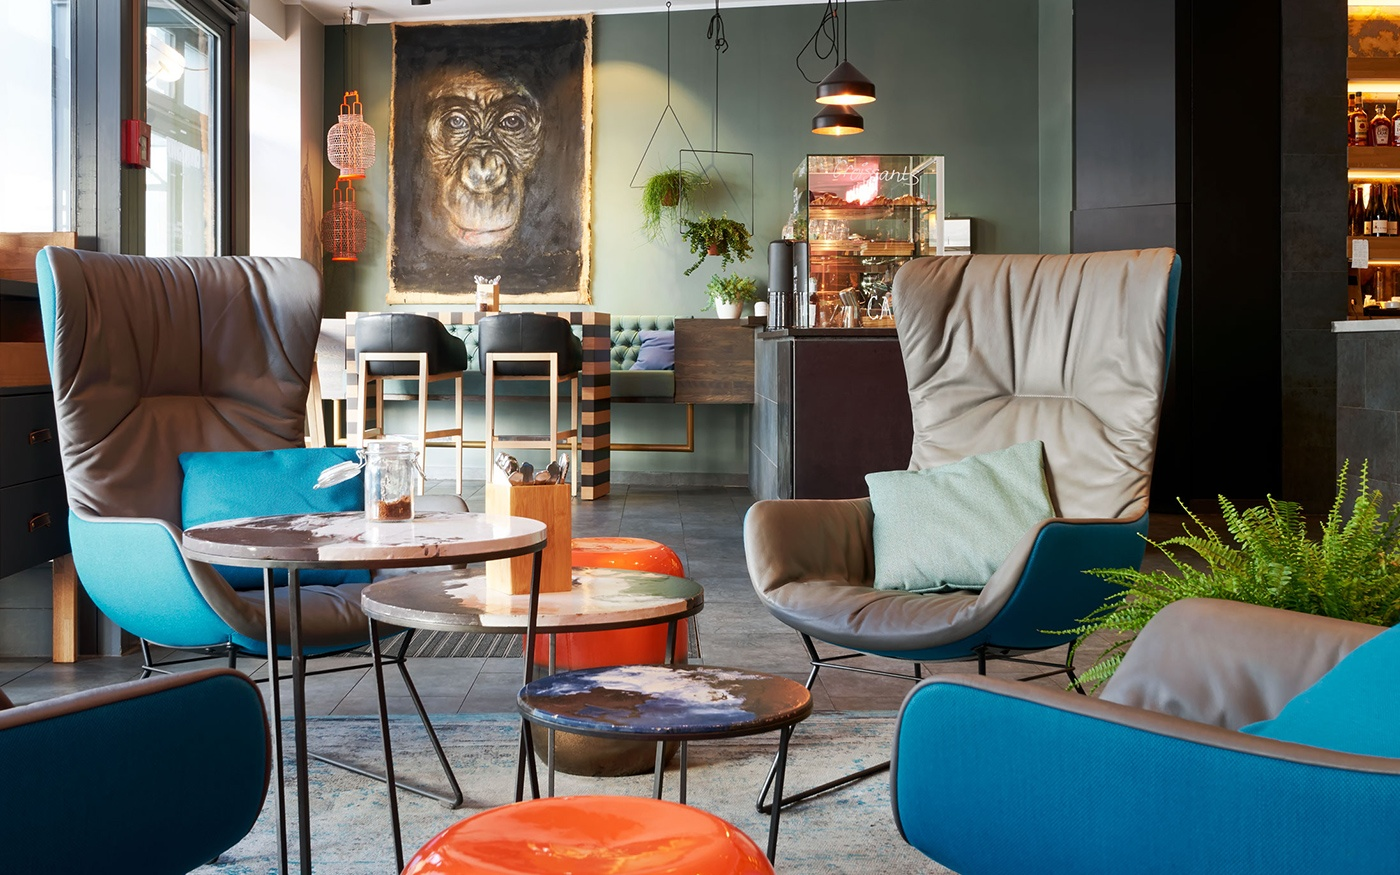 SuitePad Kunden Design- und Lifestylehotels